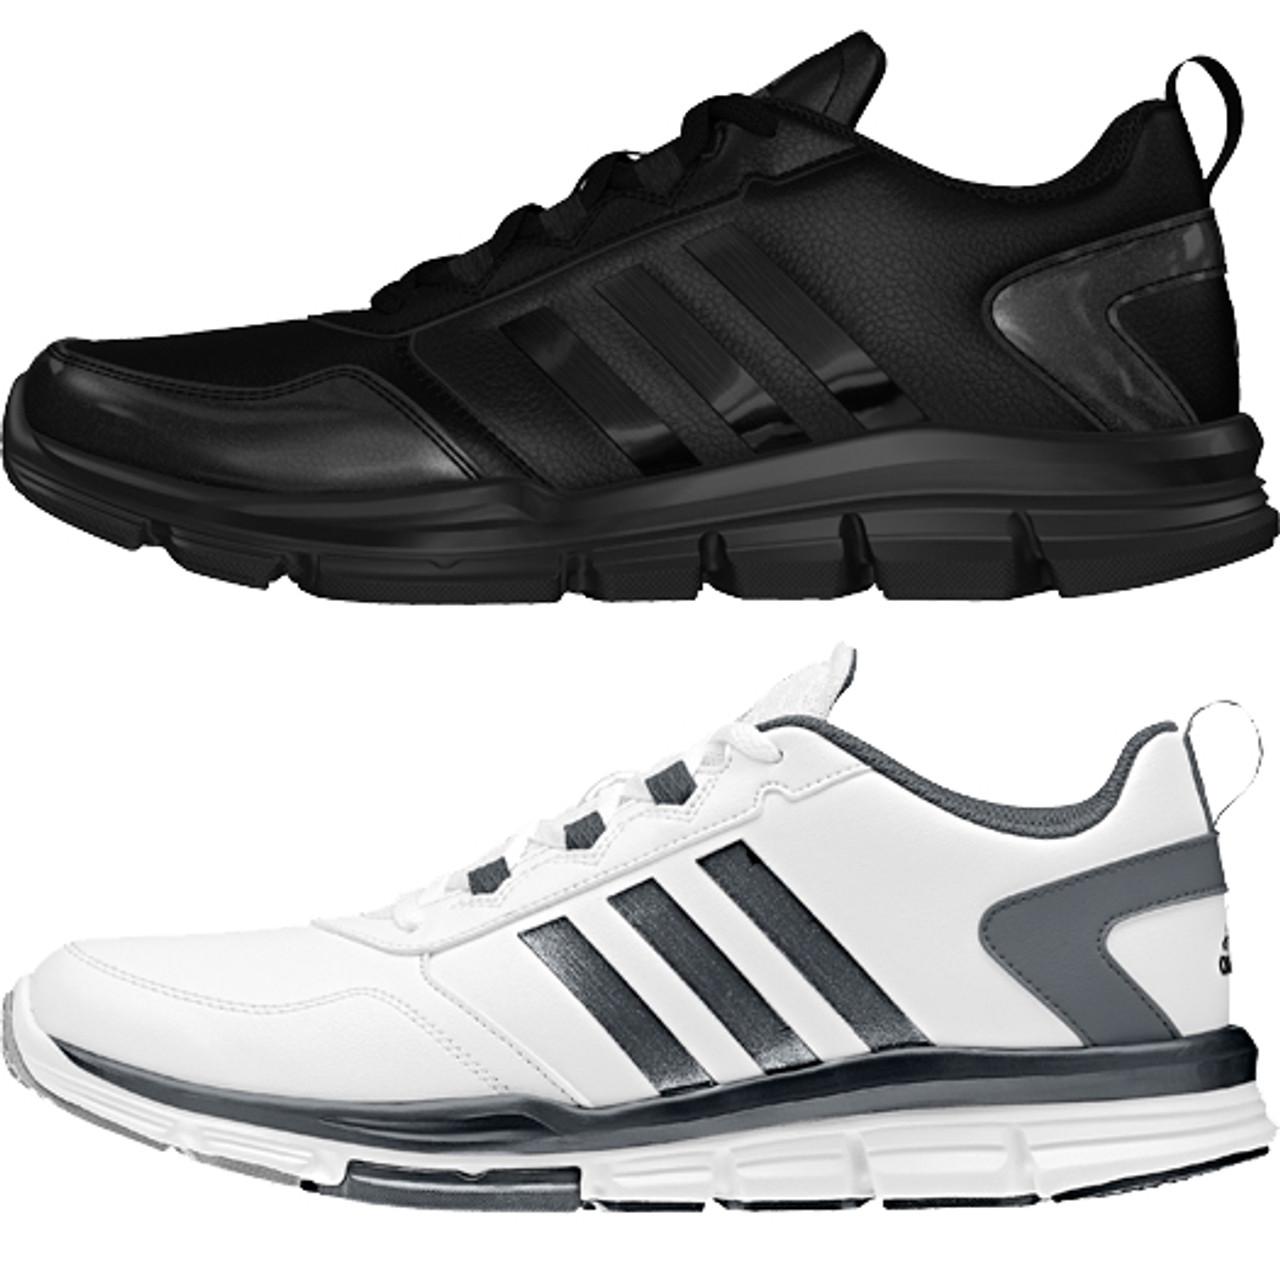 Adidas Speed Trainer 2.0 SLT